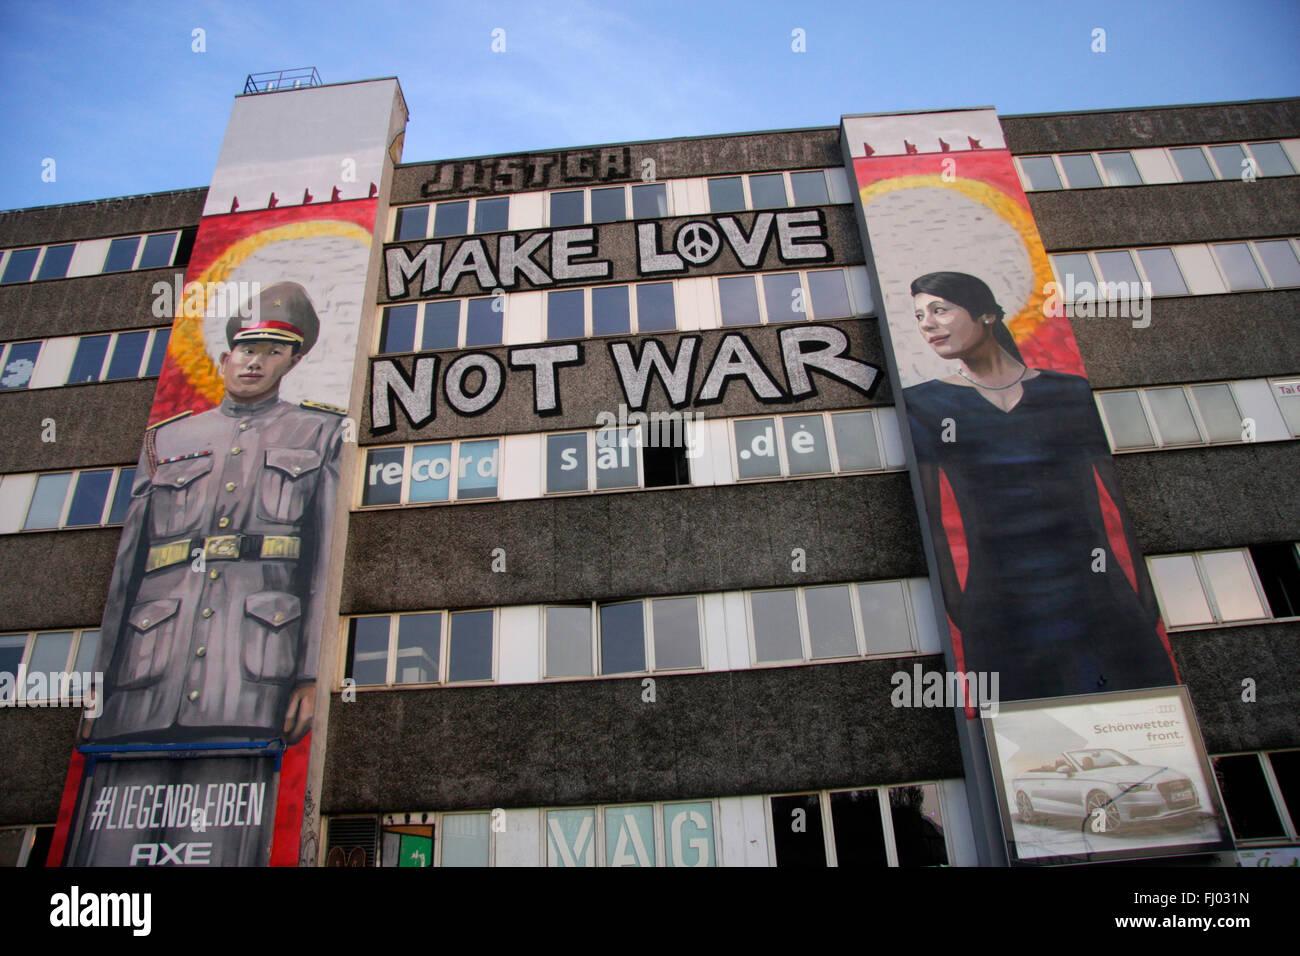 Gemaelde auf Hausfassade, Berlín-Kreuzberg. Imagen De Stock